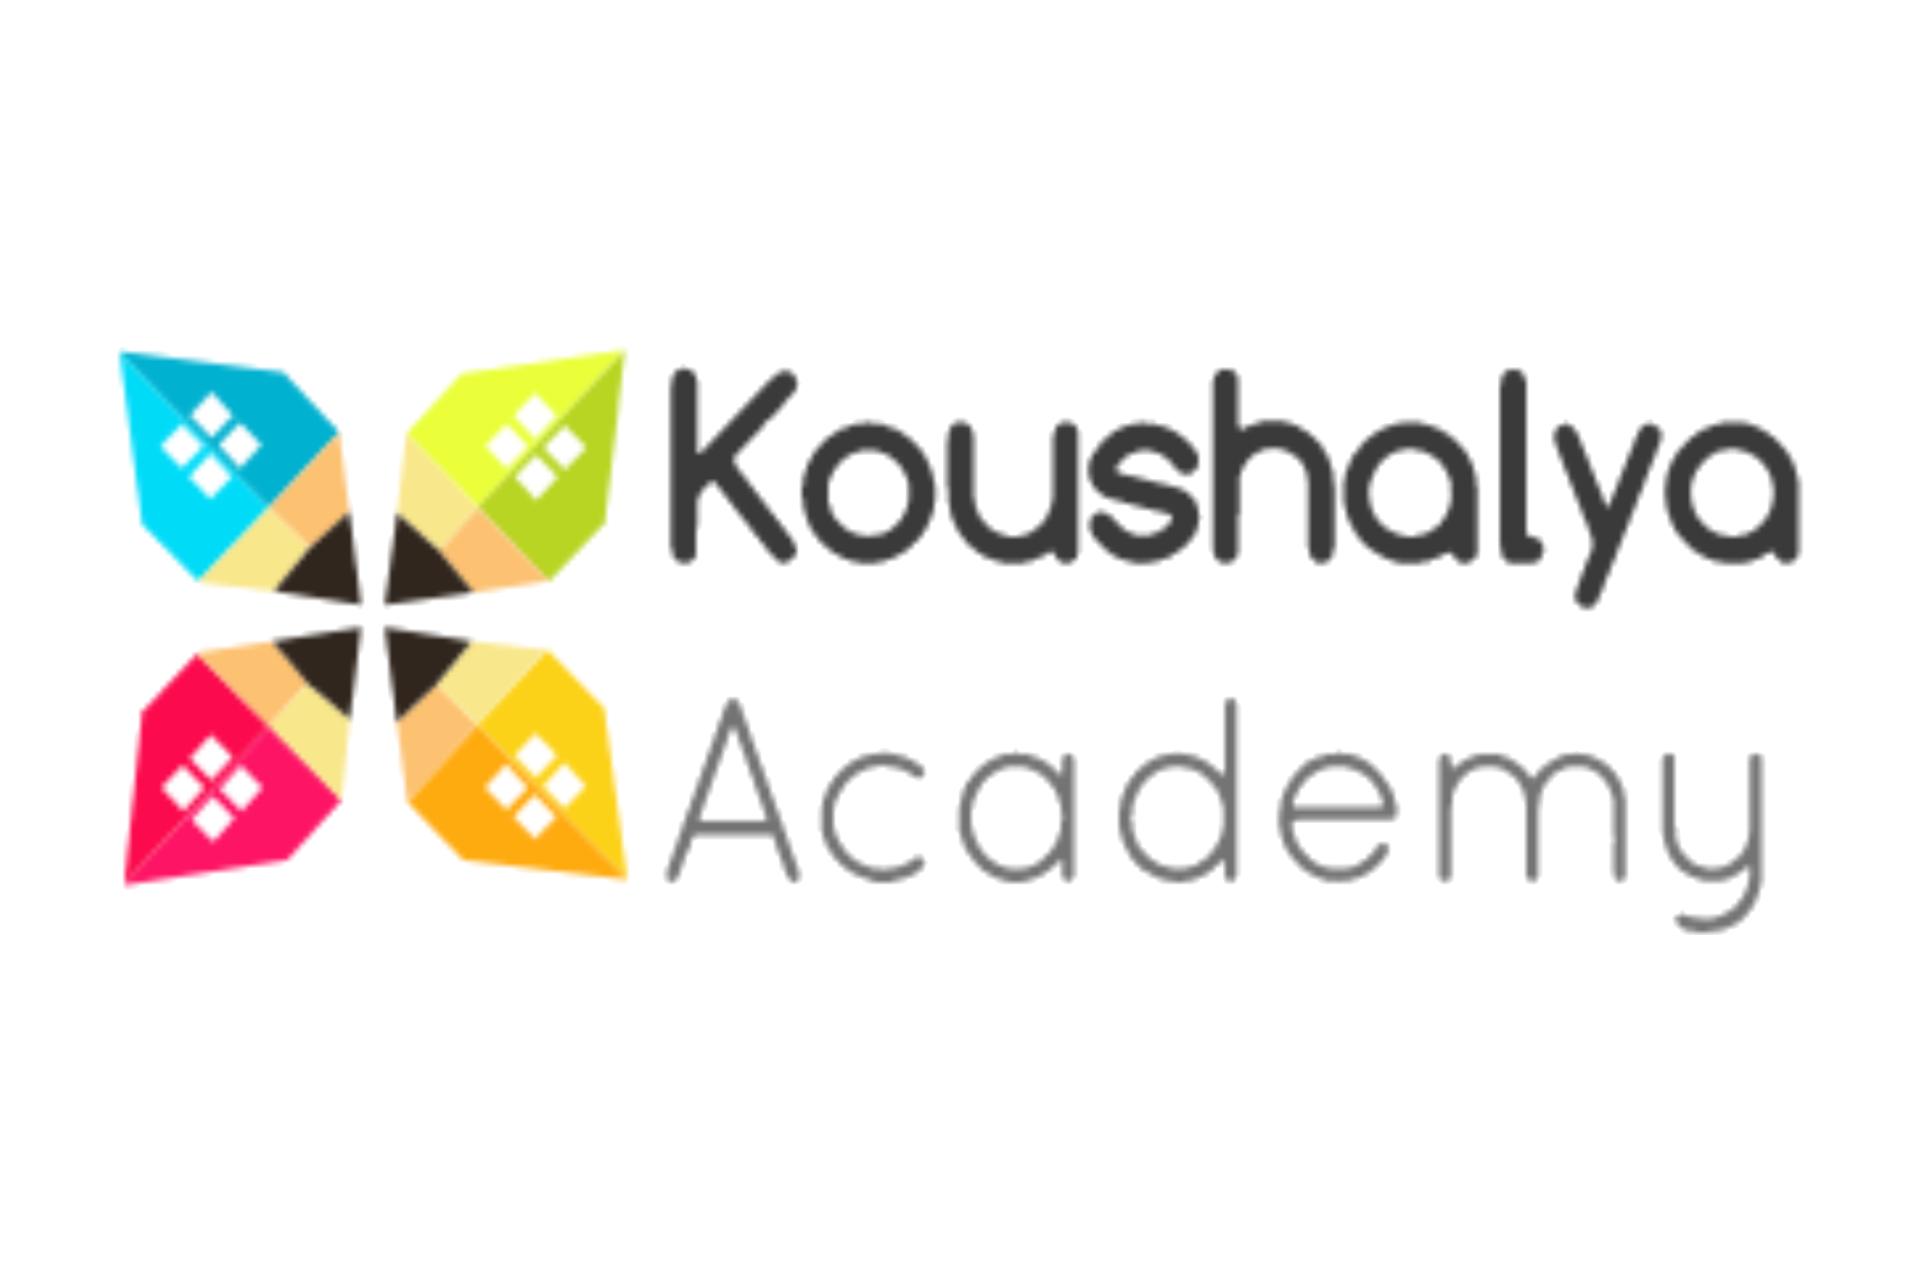 Koushalya Academy